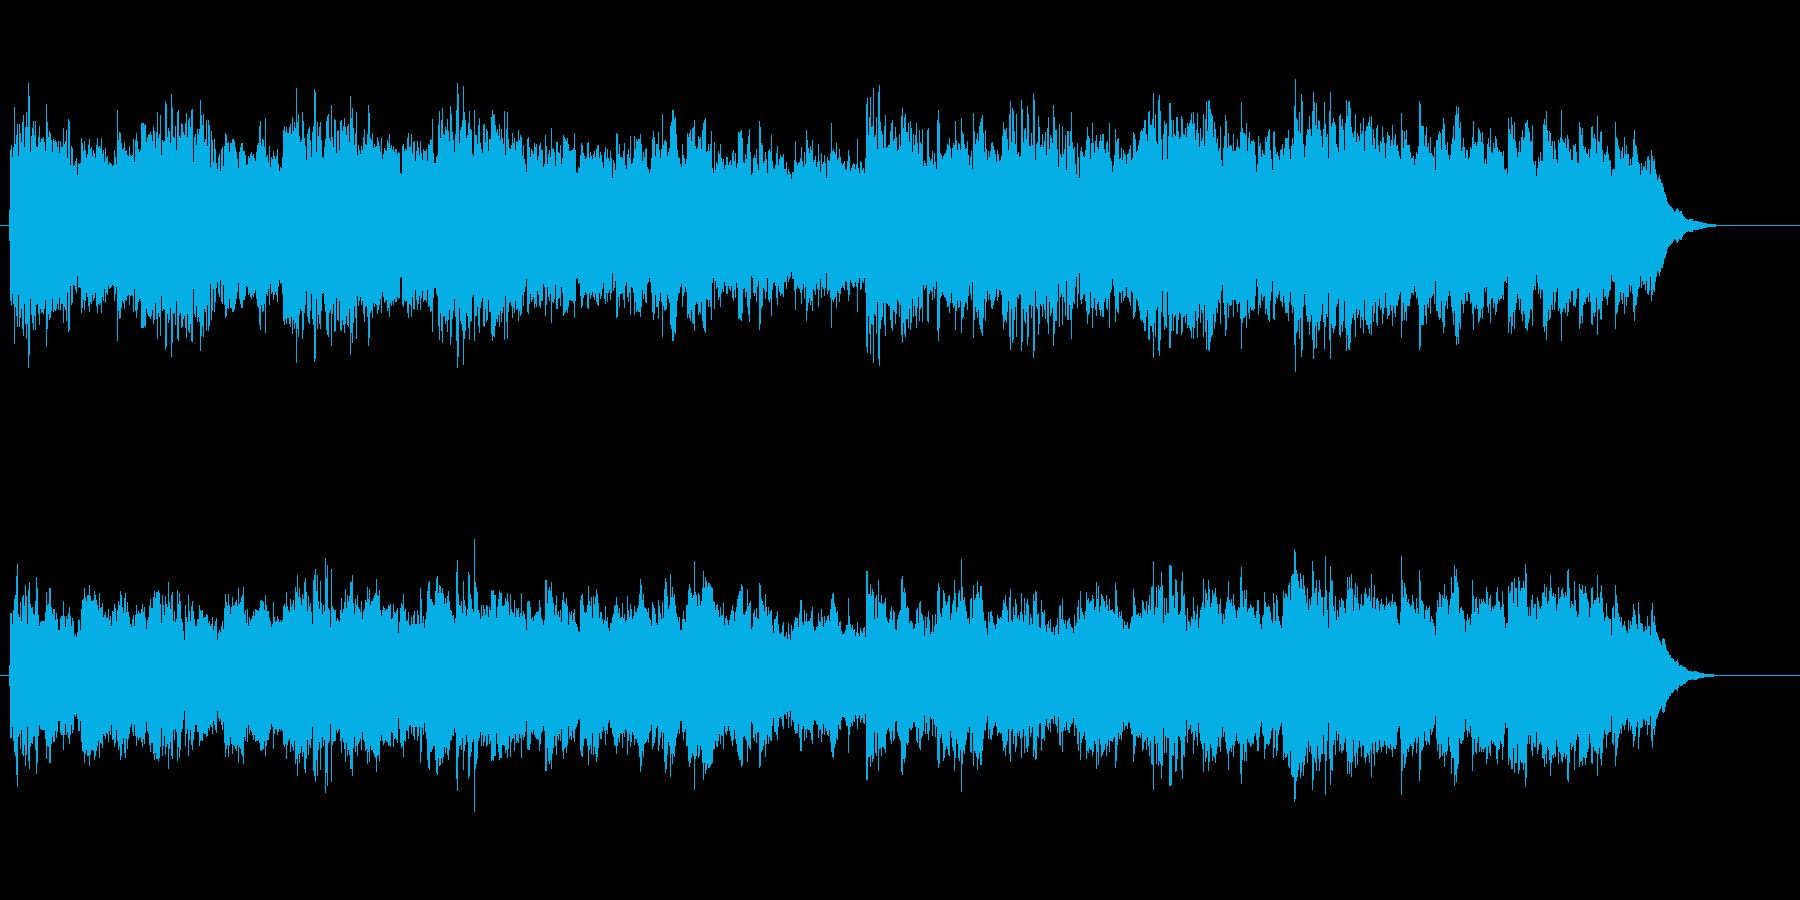 ほんわかアコースティック・ミュージックの再生済みの波形